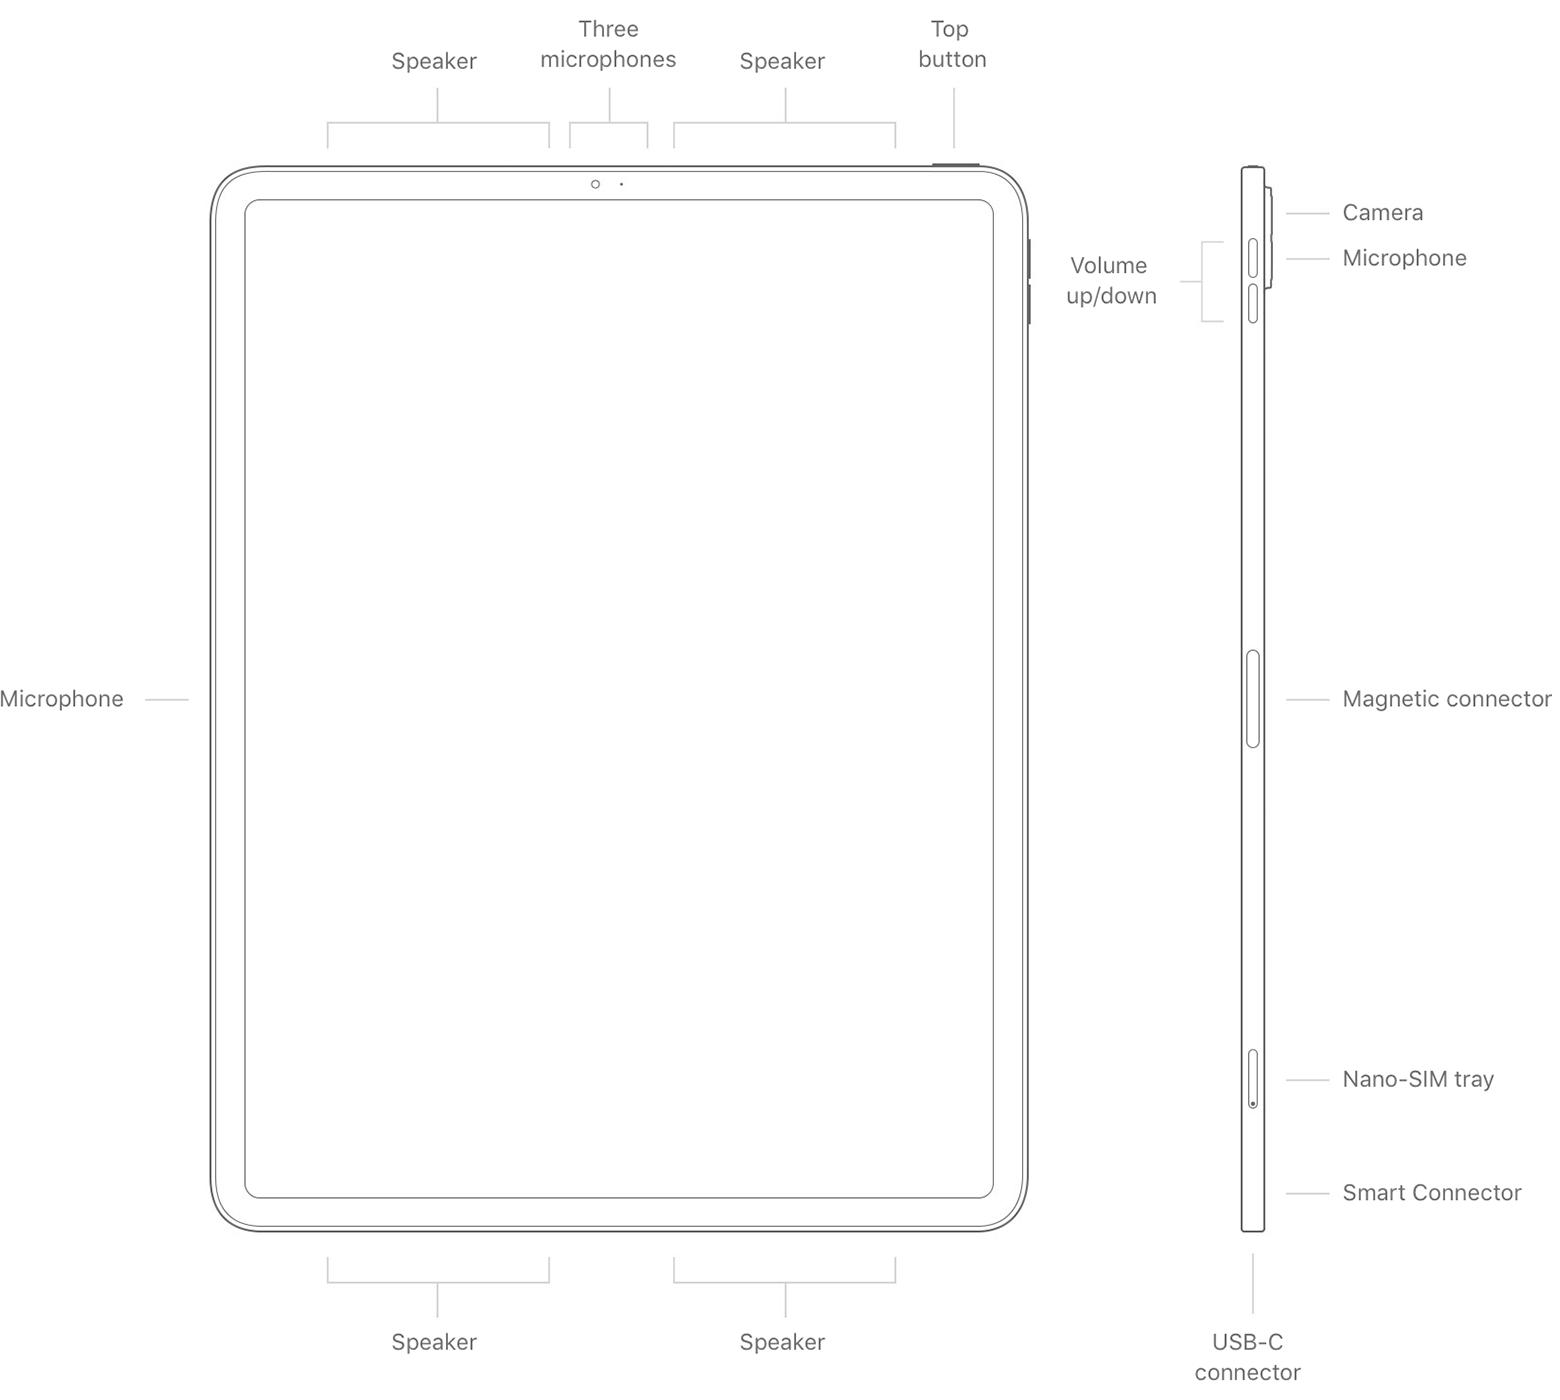 binārās opcijas iPad